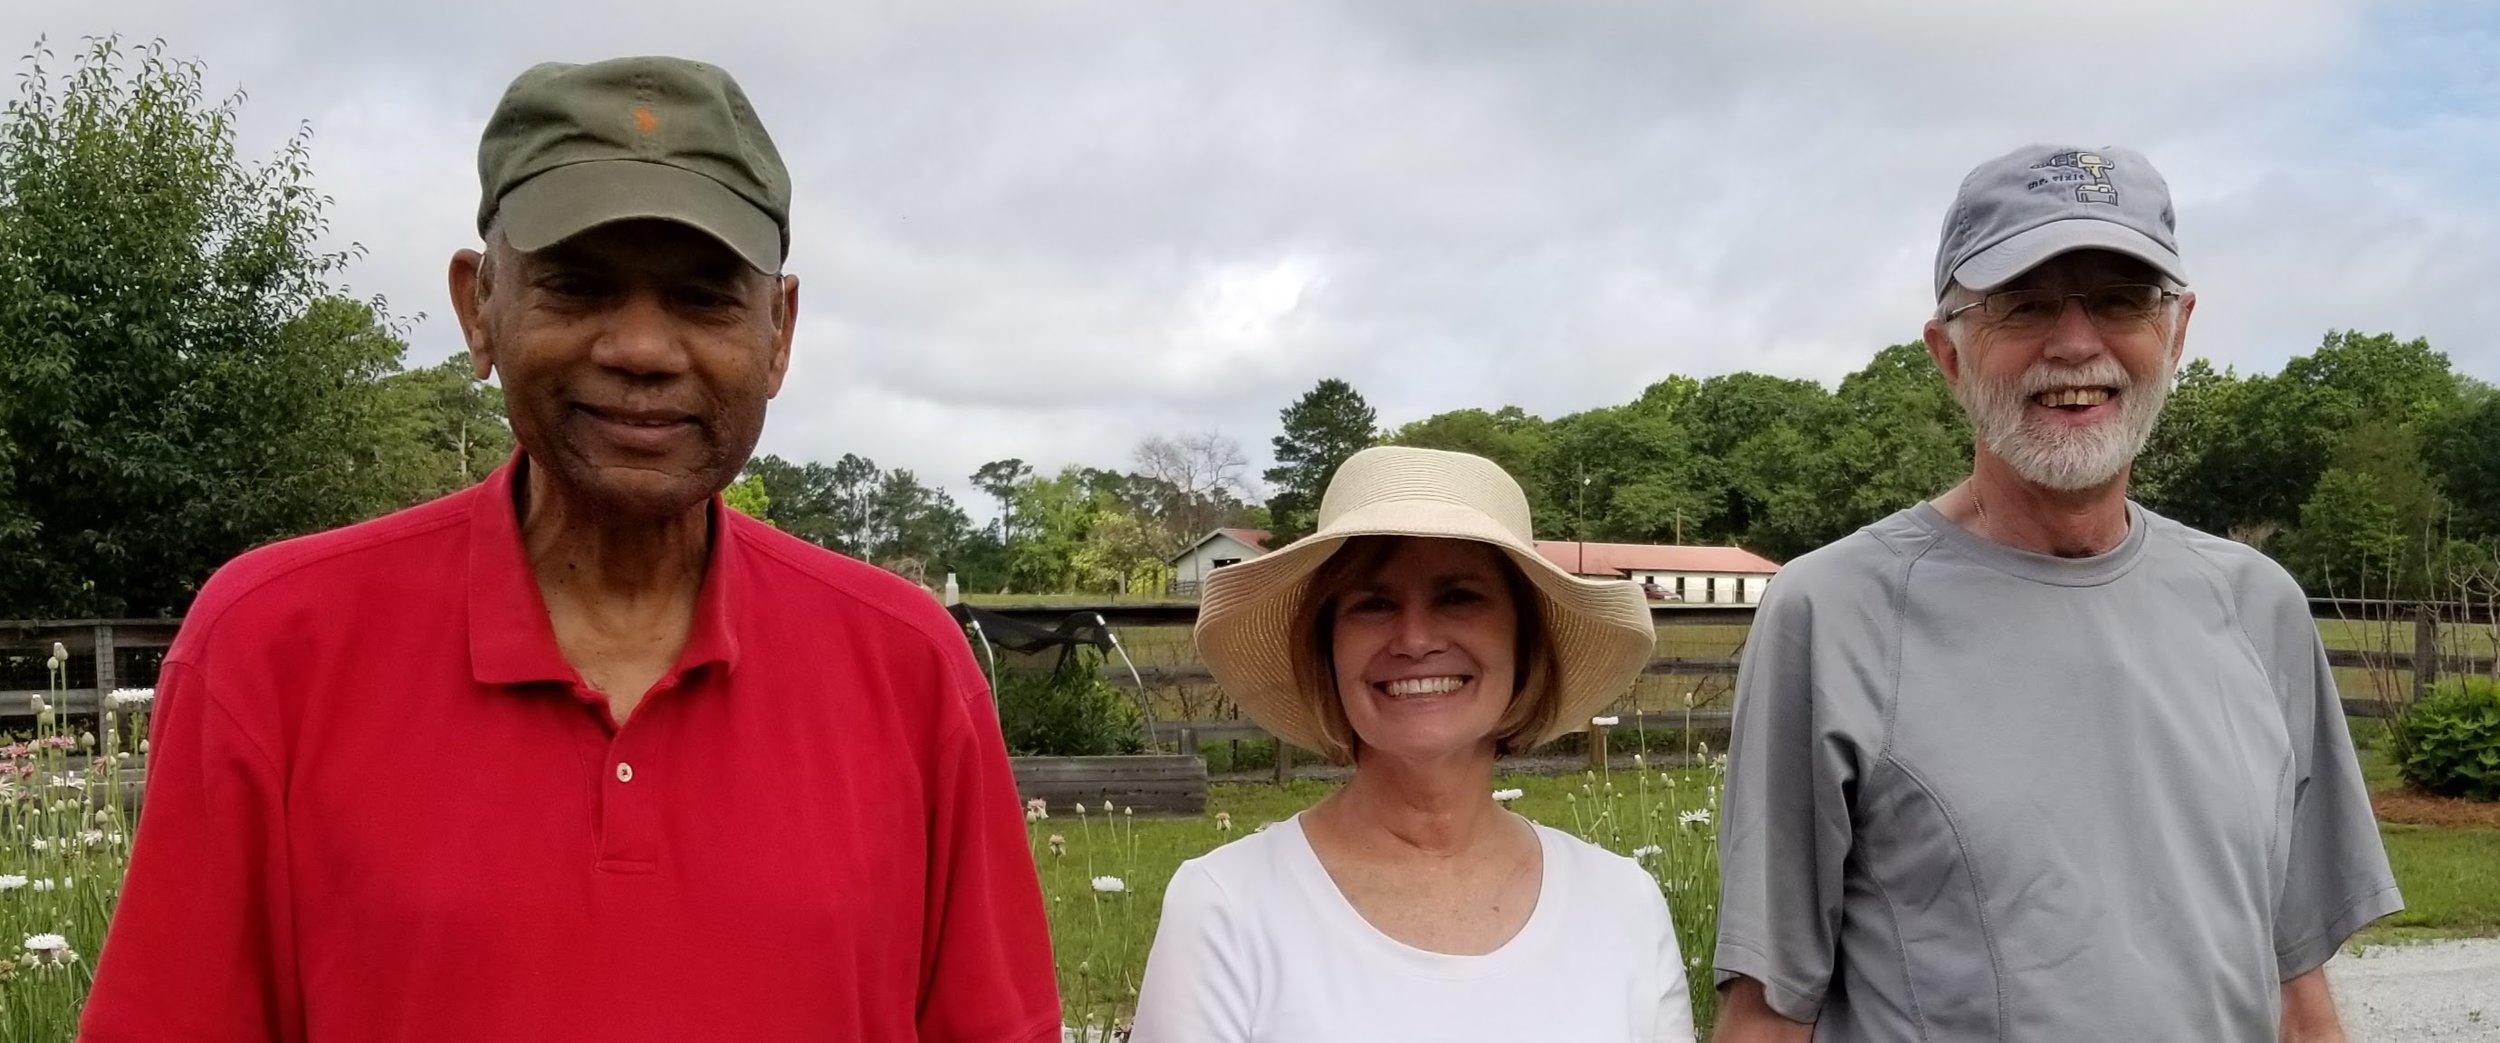 Volunteers Ted Williams, Kathy Olson and owner Rufus Bradley